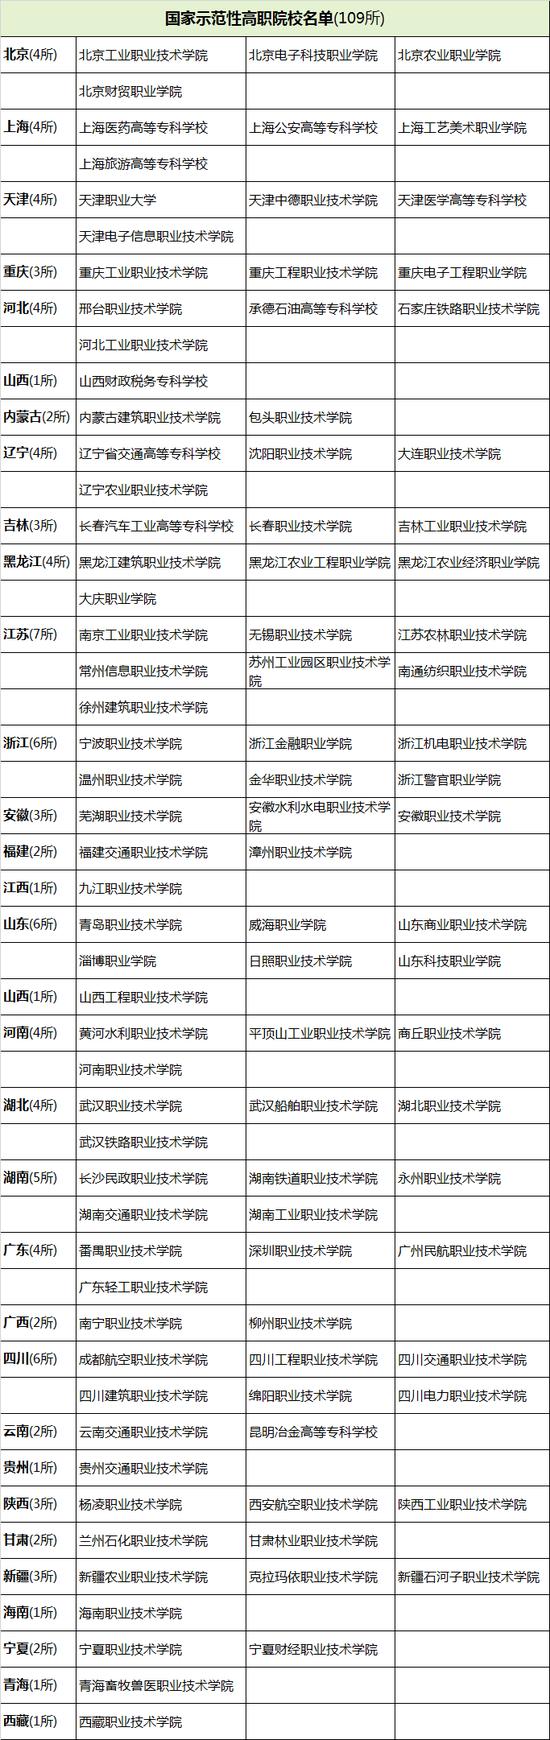 国家示范性高职院校名单(109所)